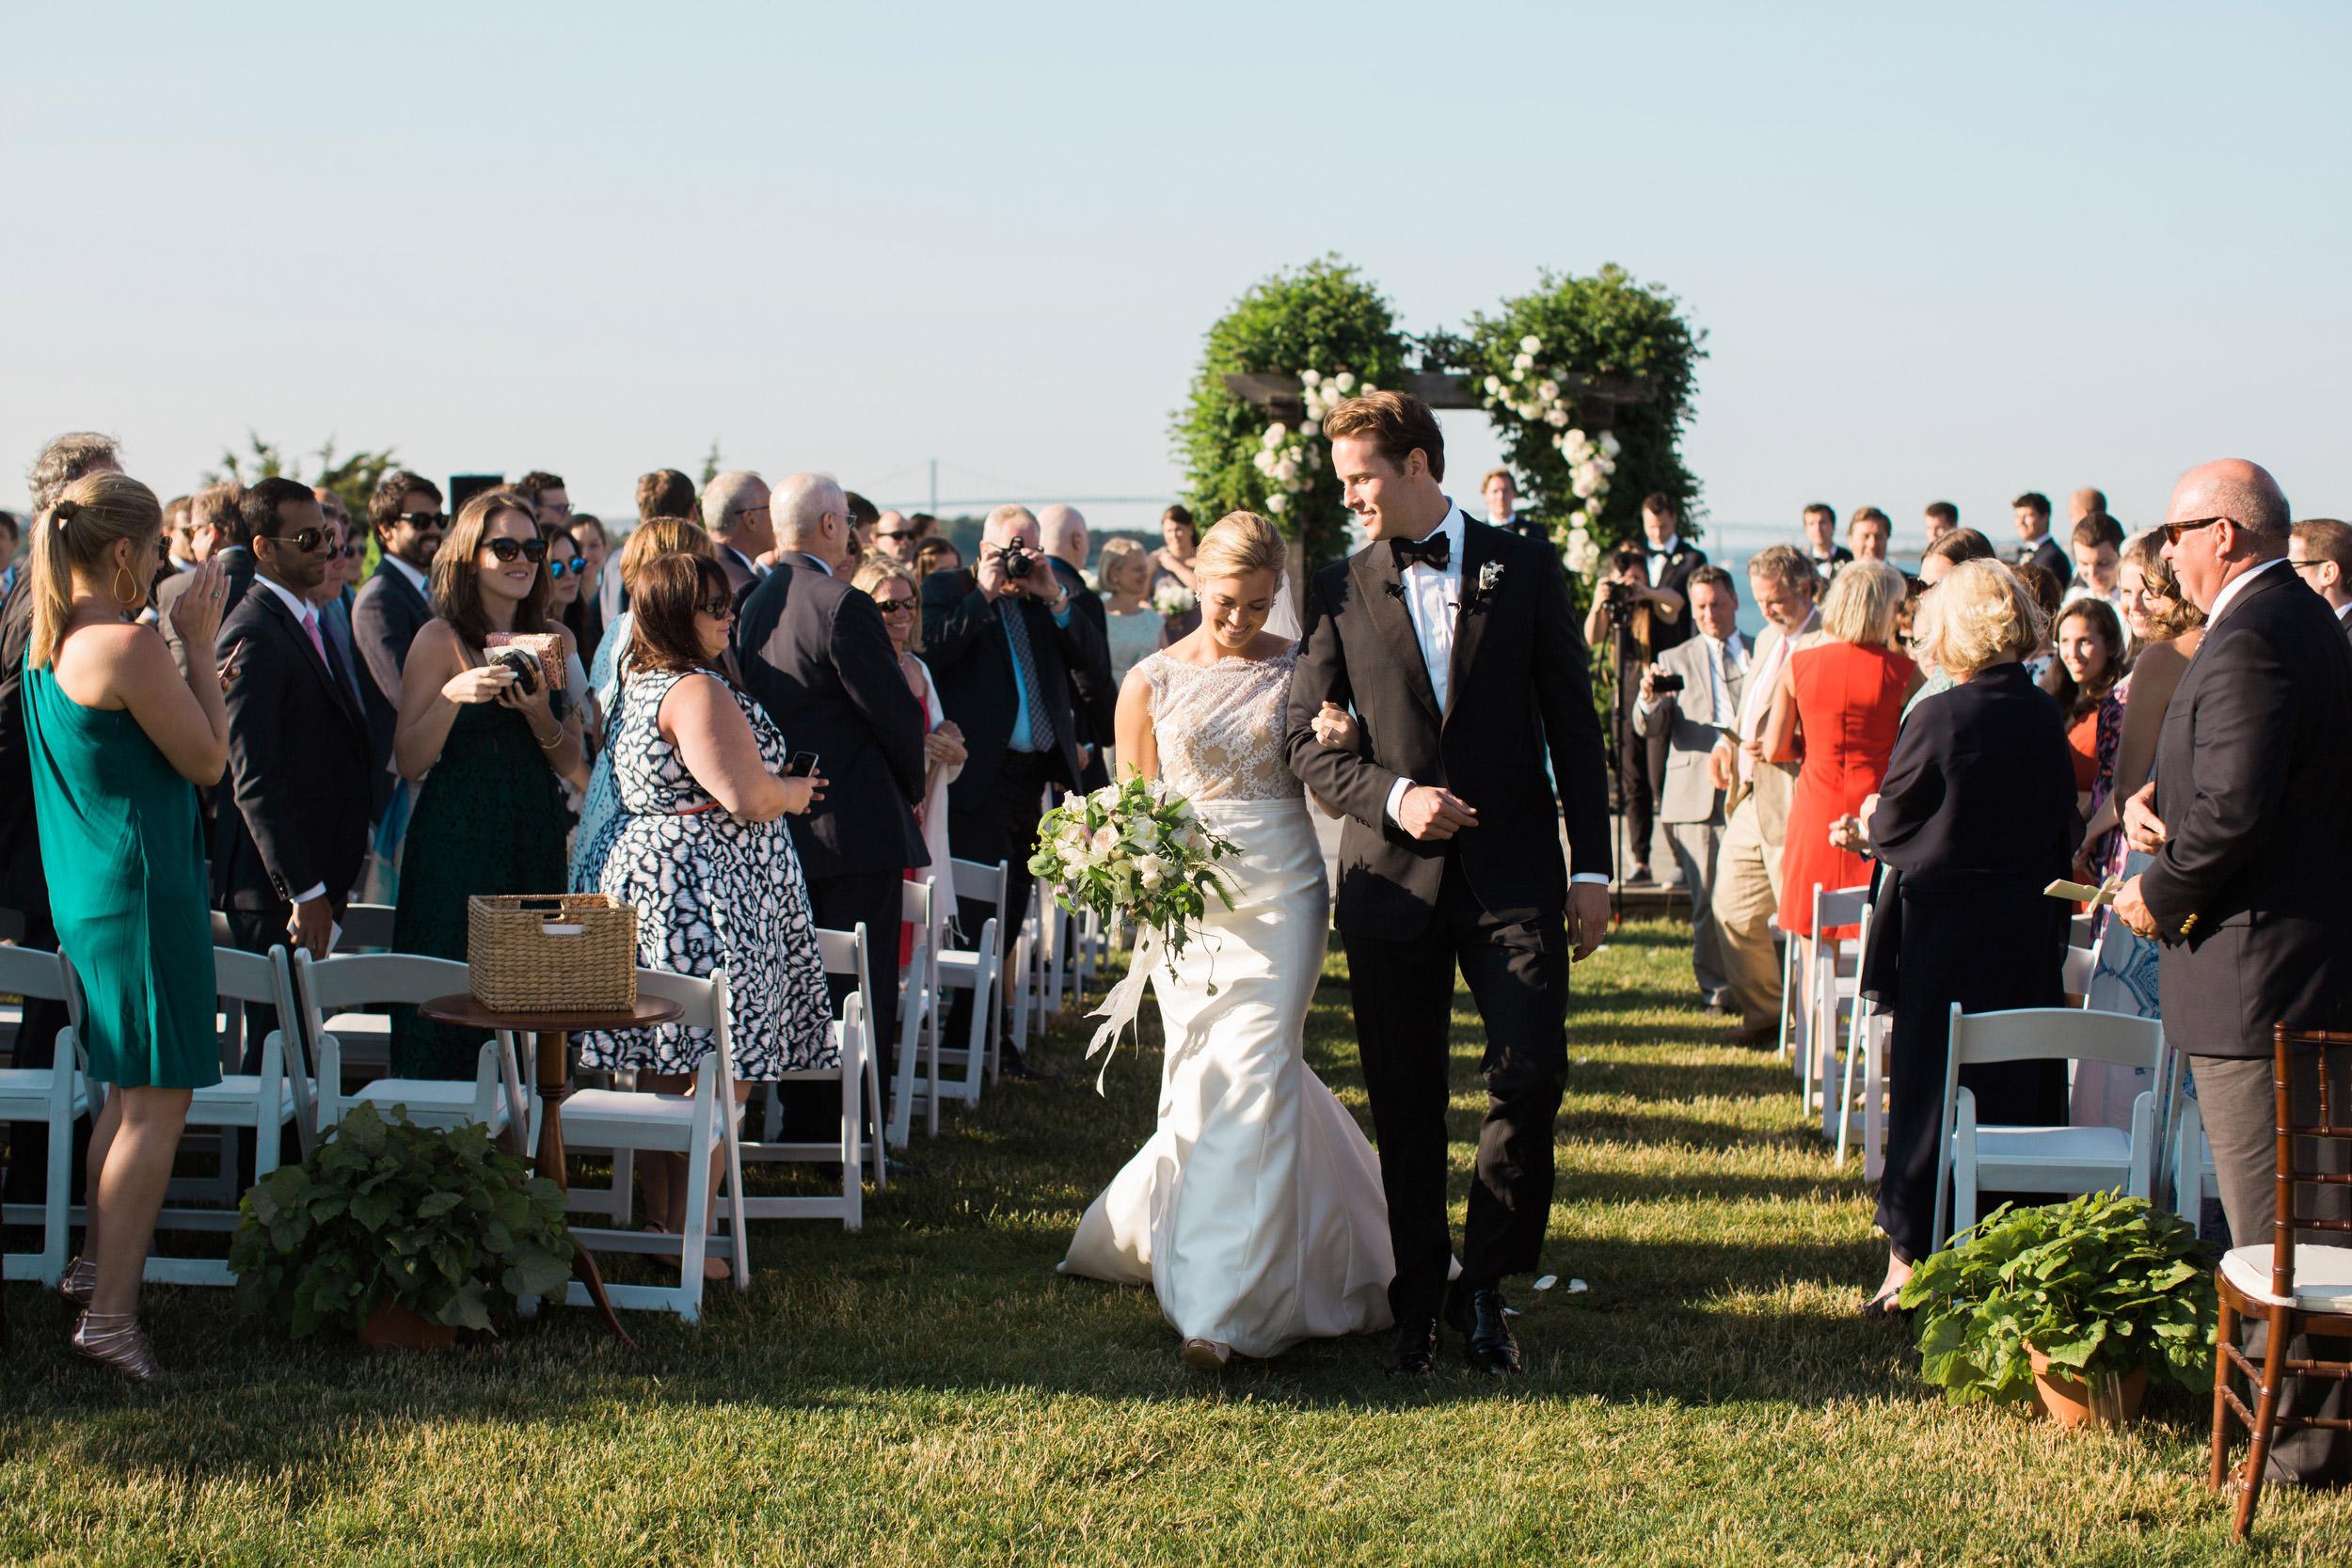 castle_hill_inn_wedding_photos_048.jpg